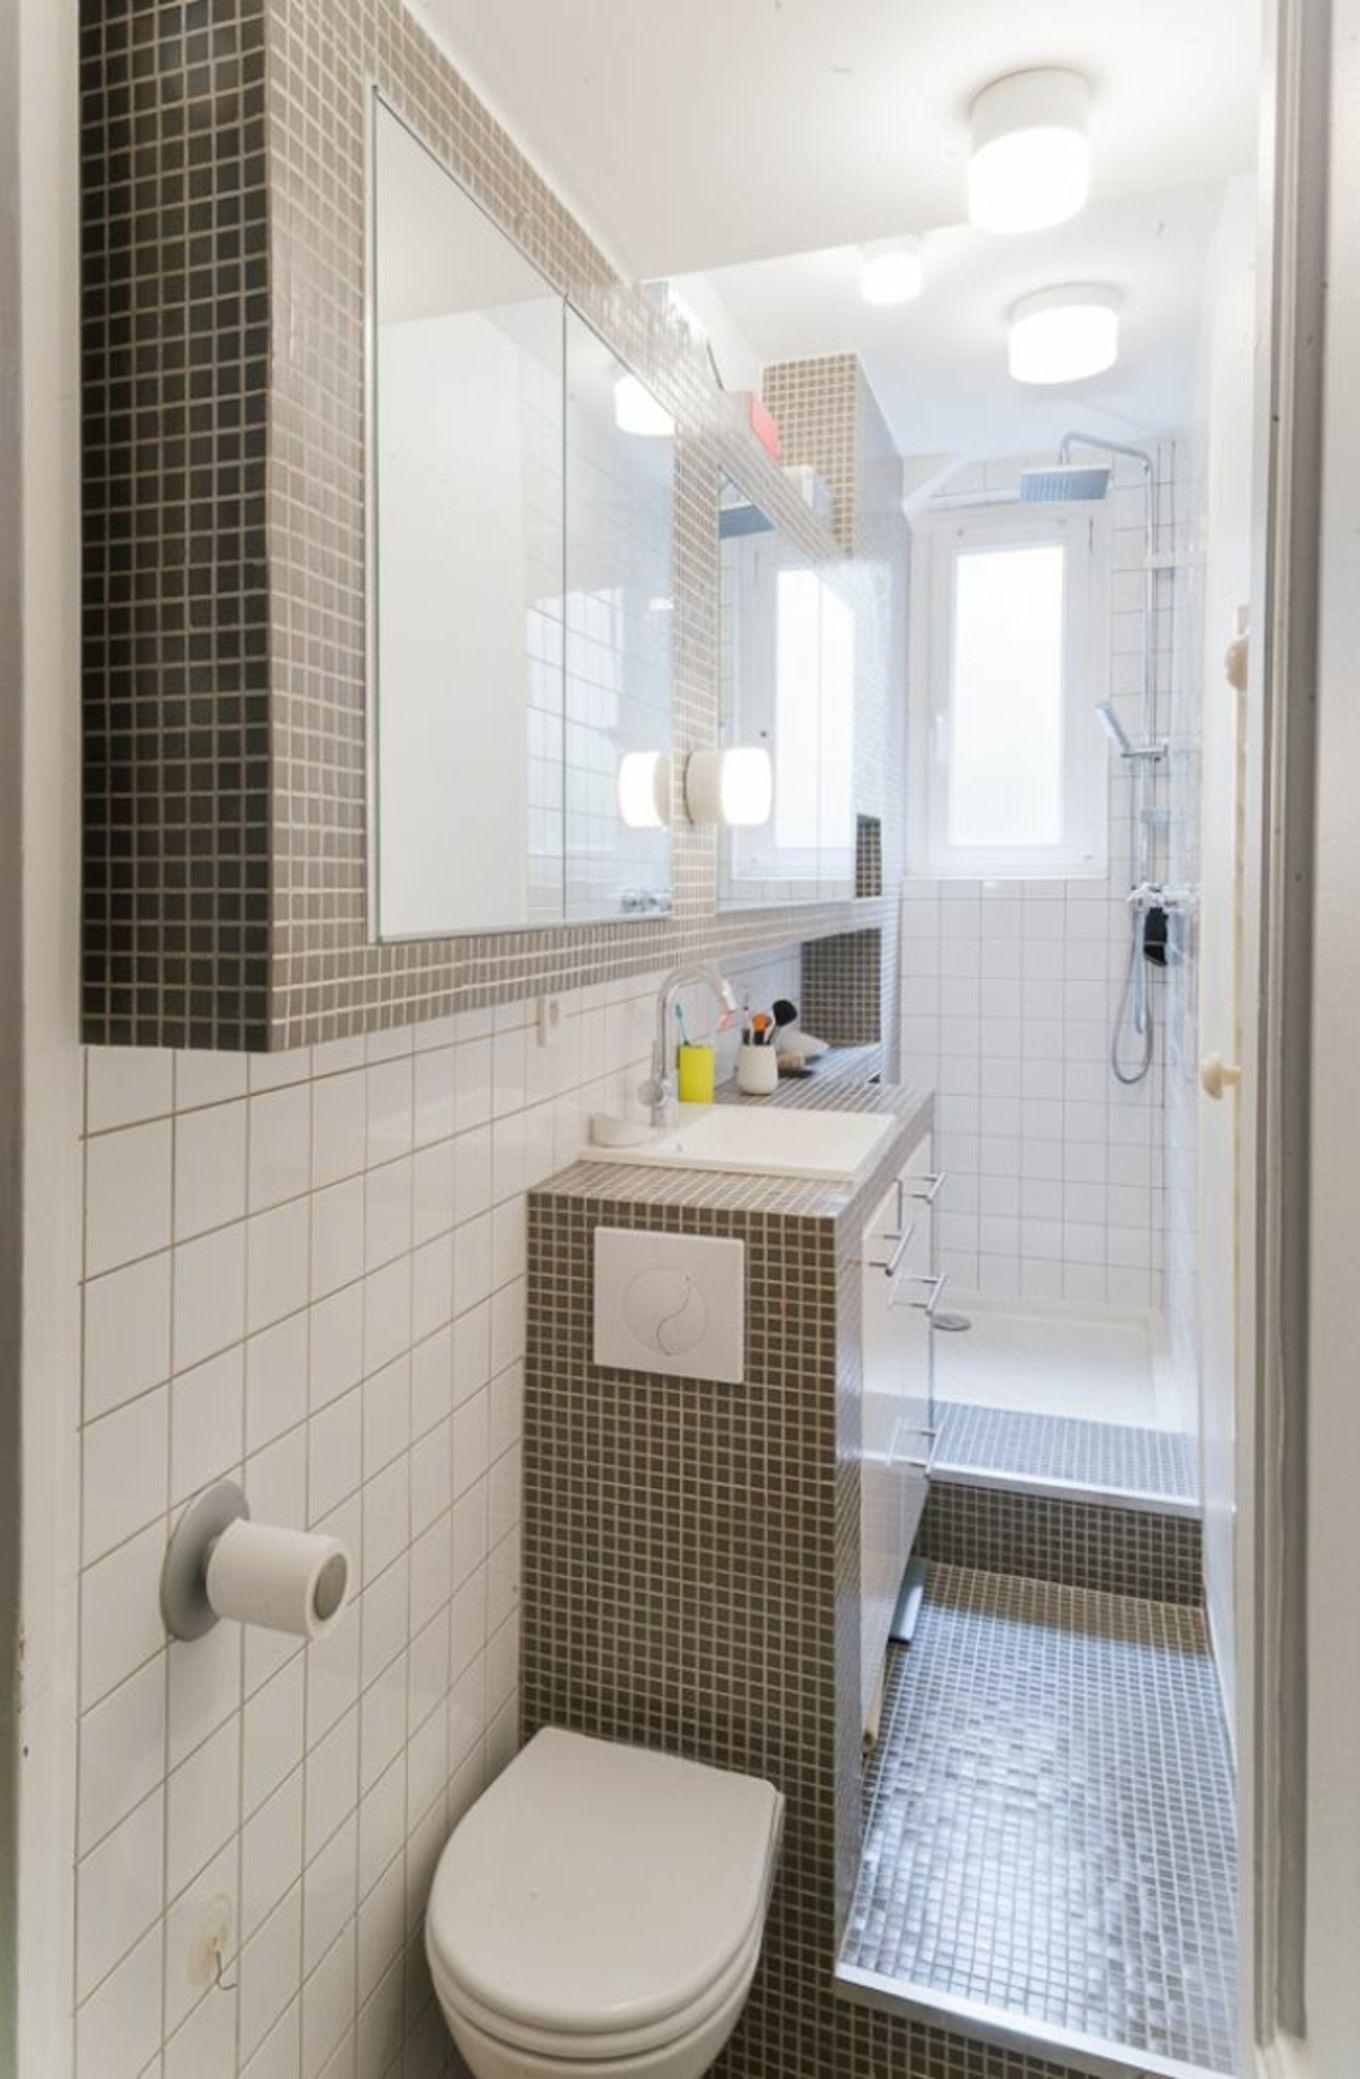 Comment Amenager Une Petite Salle De Bain Amenagement Petite Interieur Idee Deco Petite Salle De Bain Agencecormierdelauniere Com